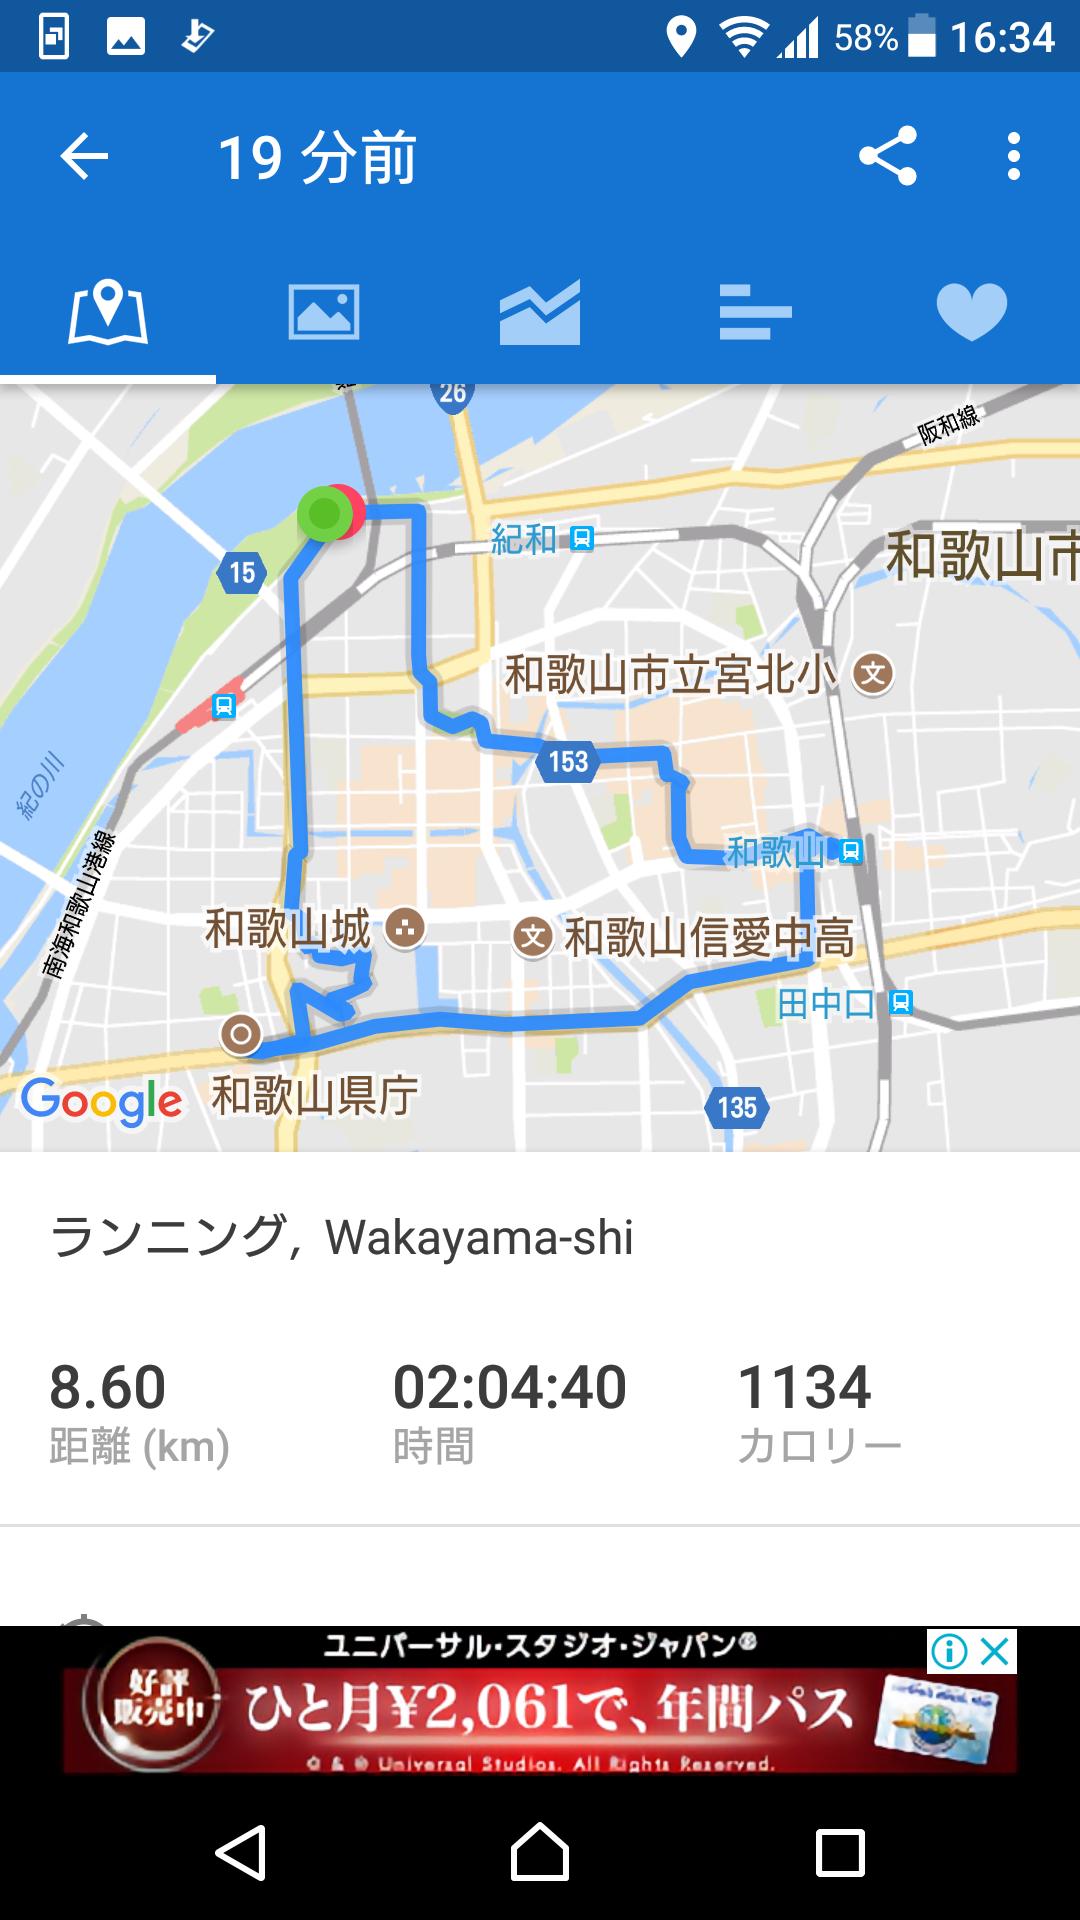 f:id:ynakayama27:20170927180713p:plain